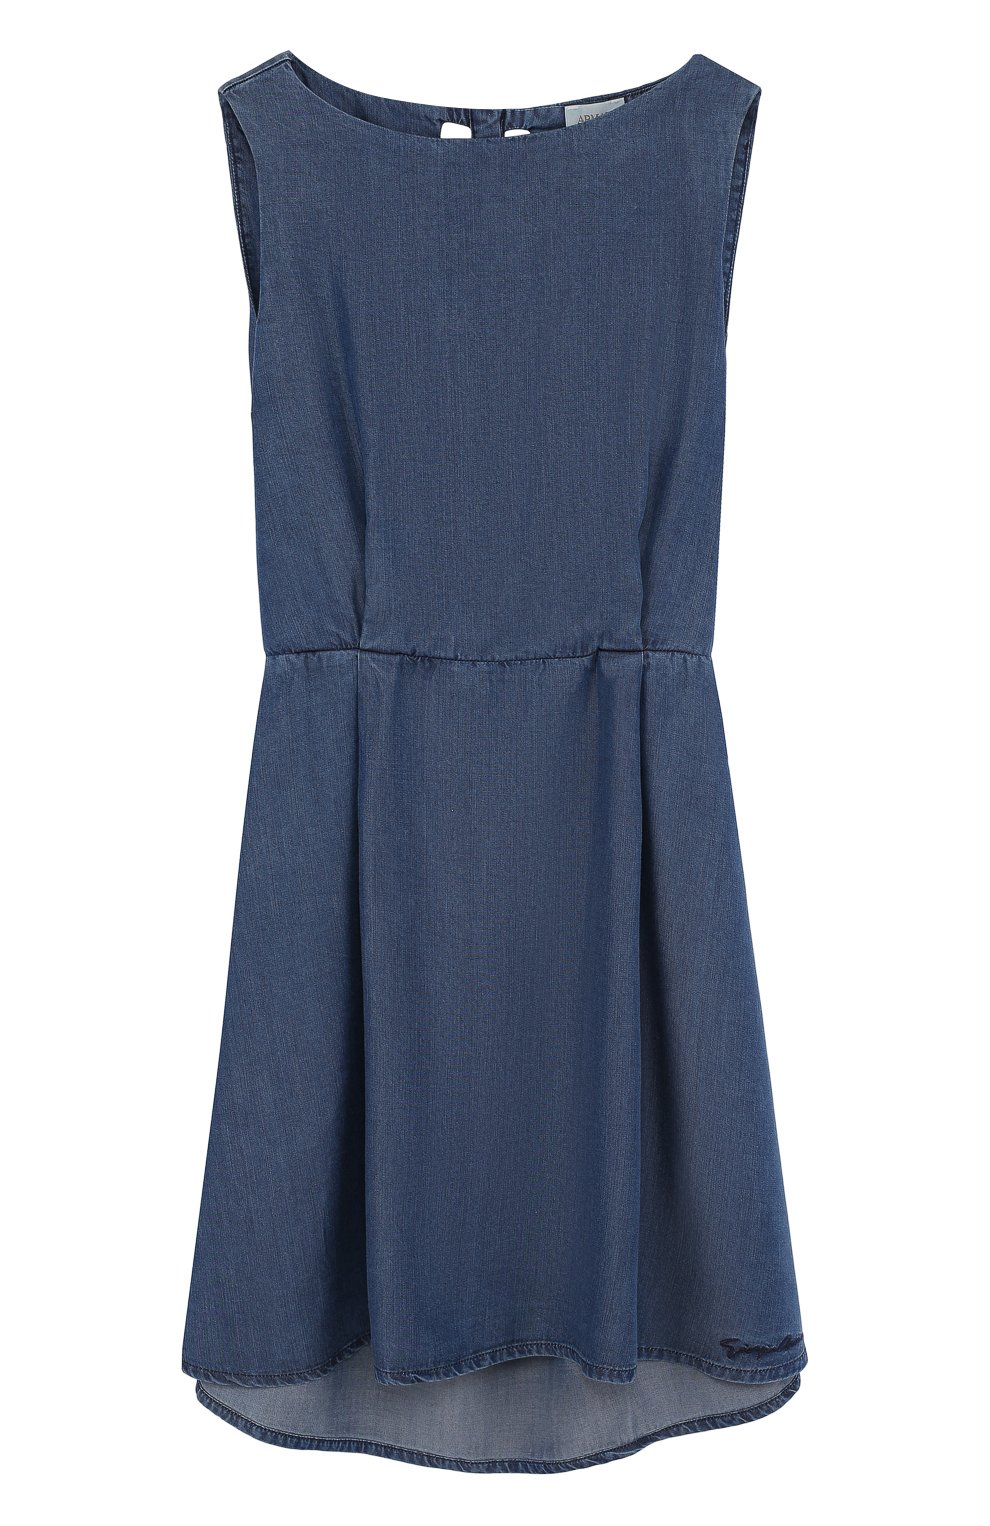 Детское мини-платье с эластичной вставкой на поясе и декоративной отделкой на спине ARMANI JUNIOR синего цвета, арт. 3Z3A90/3D0NZ/11A-16A | Фото 1